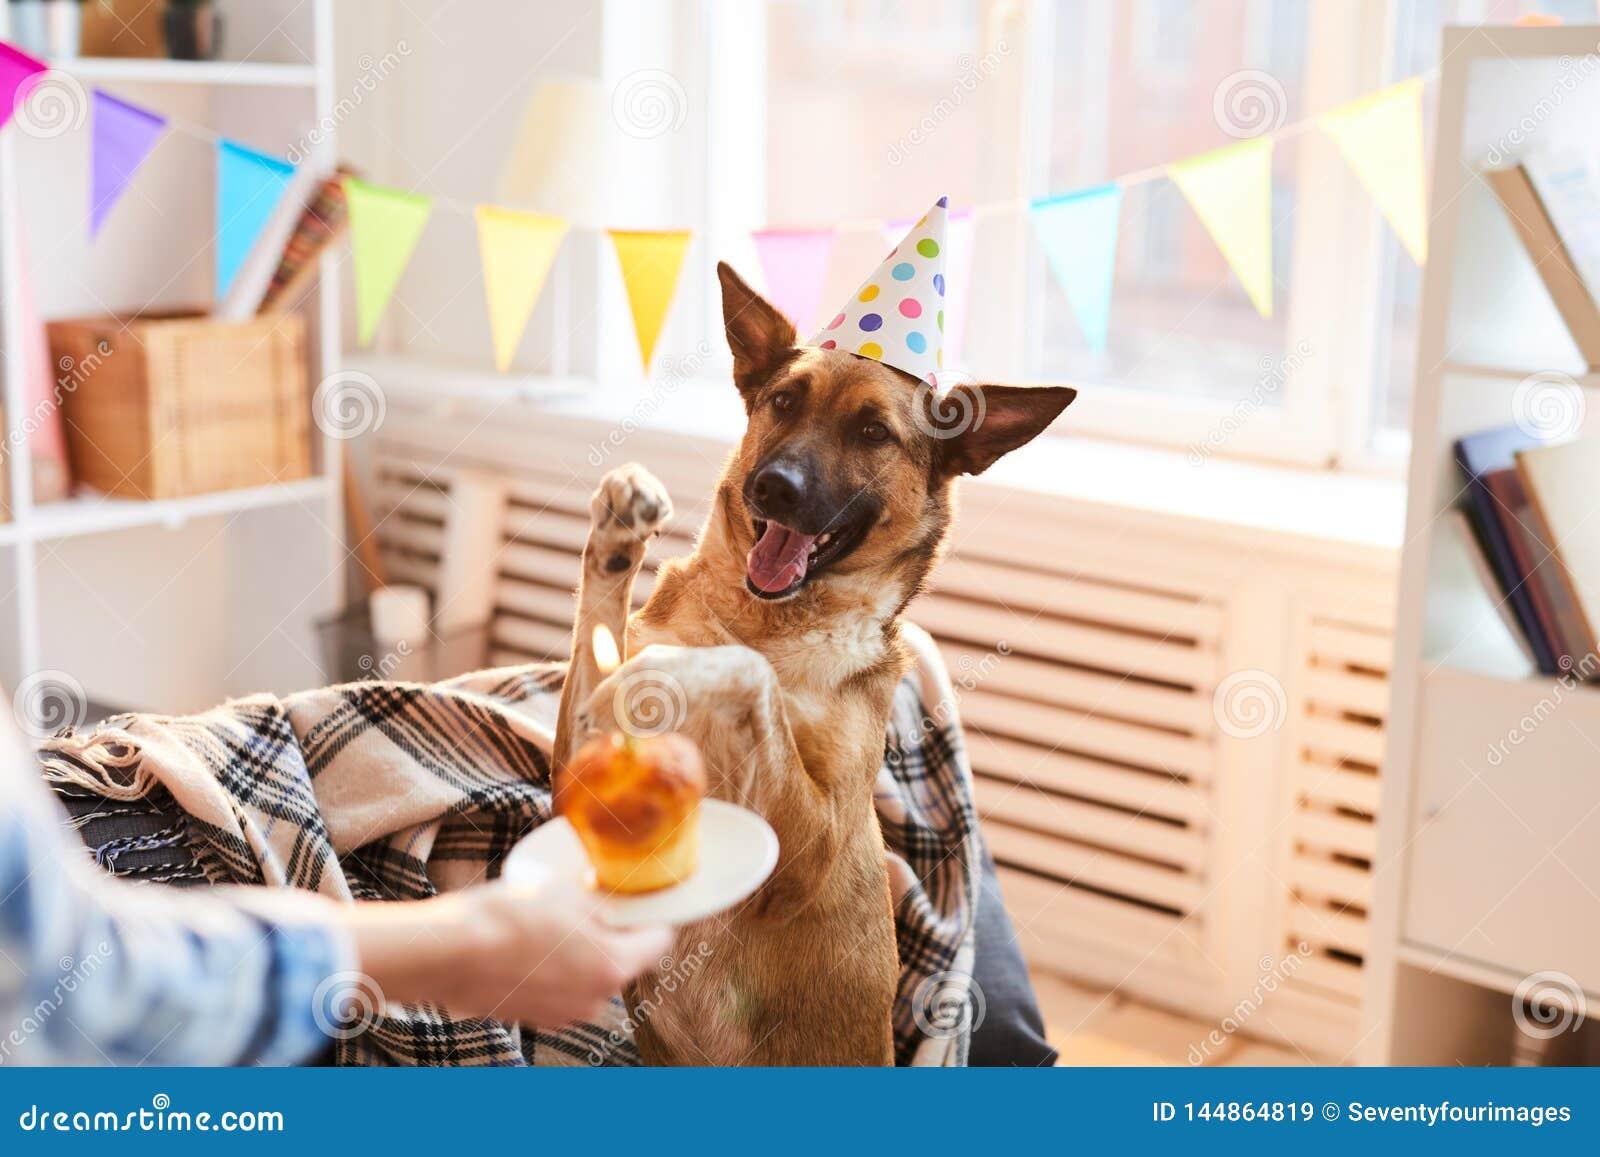 Birthday Cake for Dog